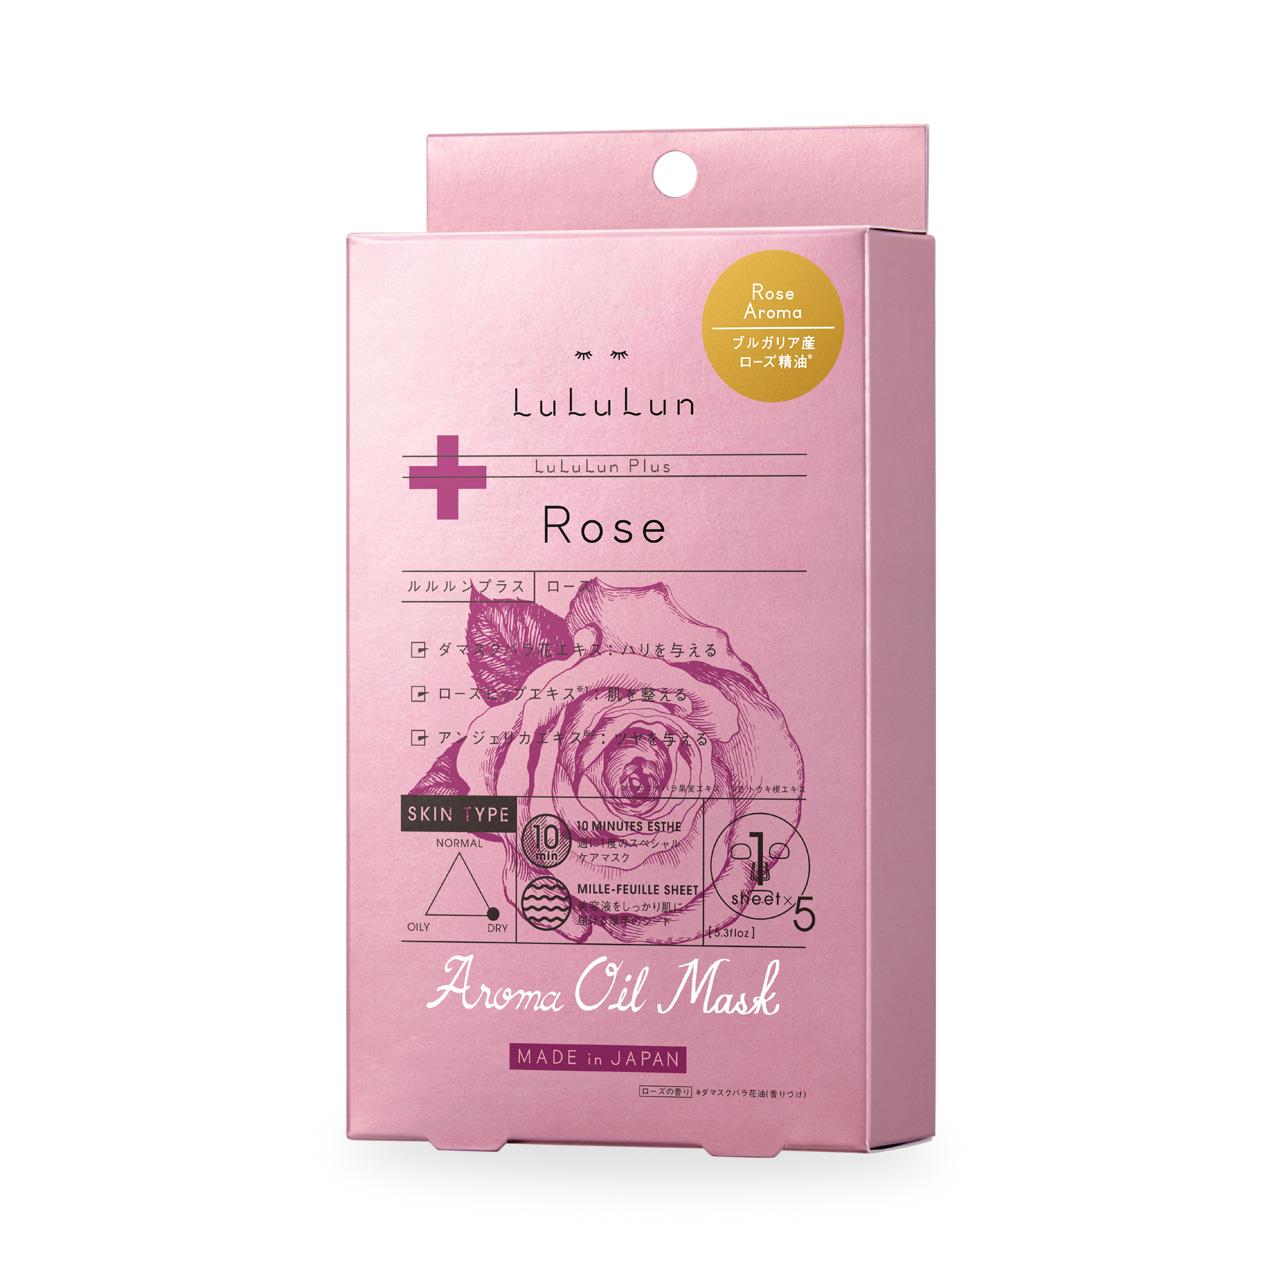 華やぐ気分で #エイジングケア がしたいなら 濃厚でフルーティなローズの香りの「ルルルンプラスローズ」がおすすめ🌹 その香りは女性らしさをひきだしてくれます♪ 今日1日は誰よりも視線を集めて✨  #ルルルンプラスローズ,#lululunplusrose,#ローズの香り,#アロマケアマスク,#女性らしさ  💕ルルルン公式SNS💕 新商品ニュースも配信中ᵕ ᵕ♪ Instagram:https://www.instagram.com/lululun_jp/ Twitter:https://twitter.com/lu3jp Facebook:https://www.facebook.com/lu3jp